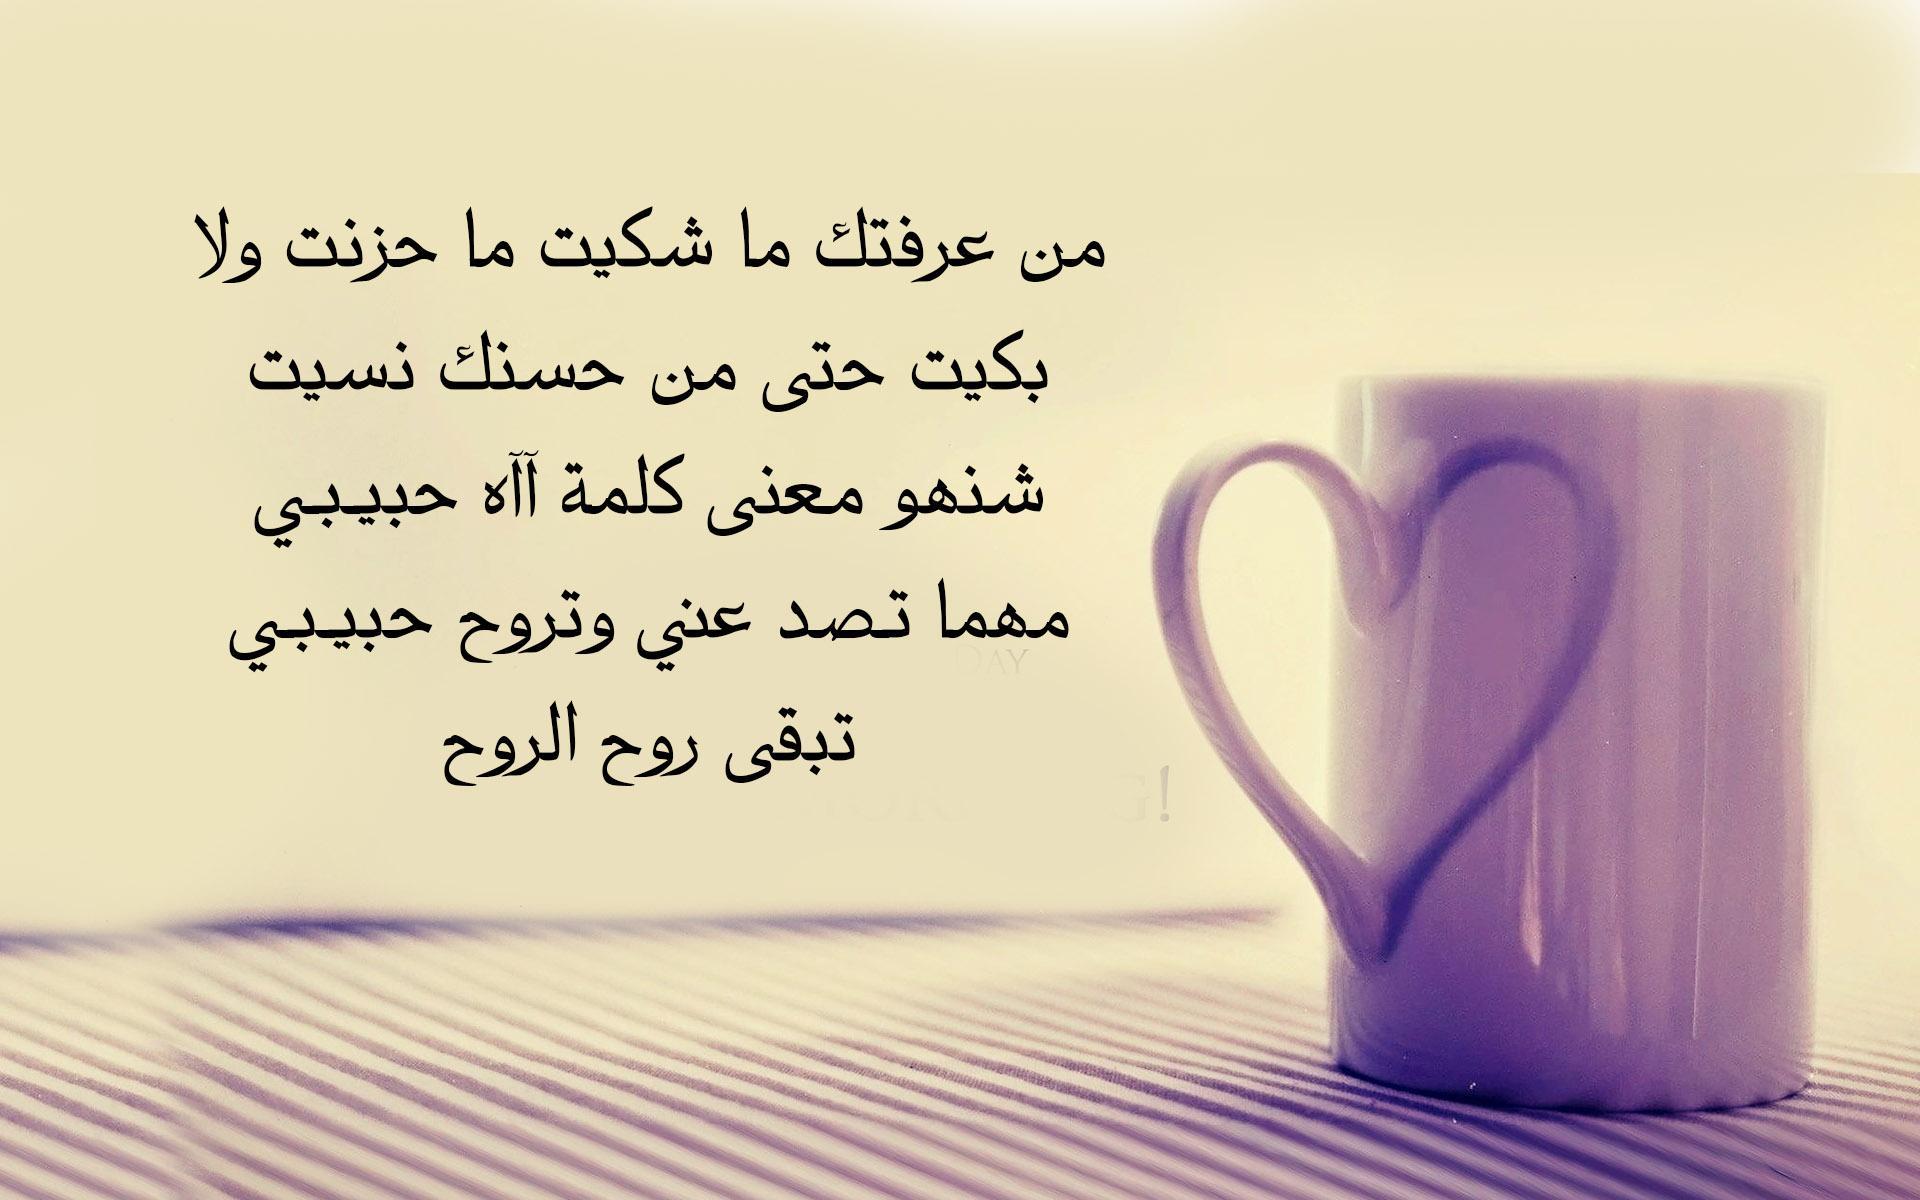 بالصور حب وعشق وغرام , اجمل الاحاسيس و المشاعر 1107 1